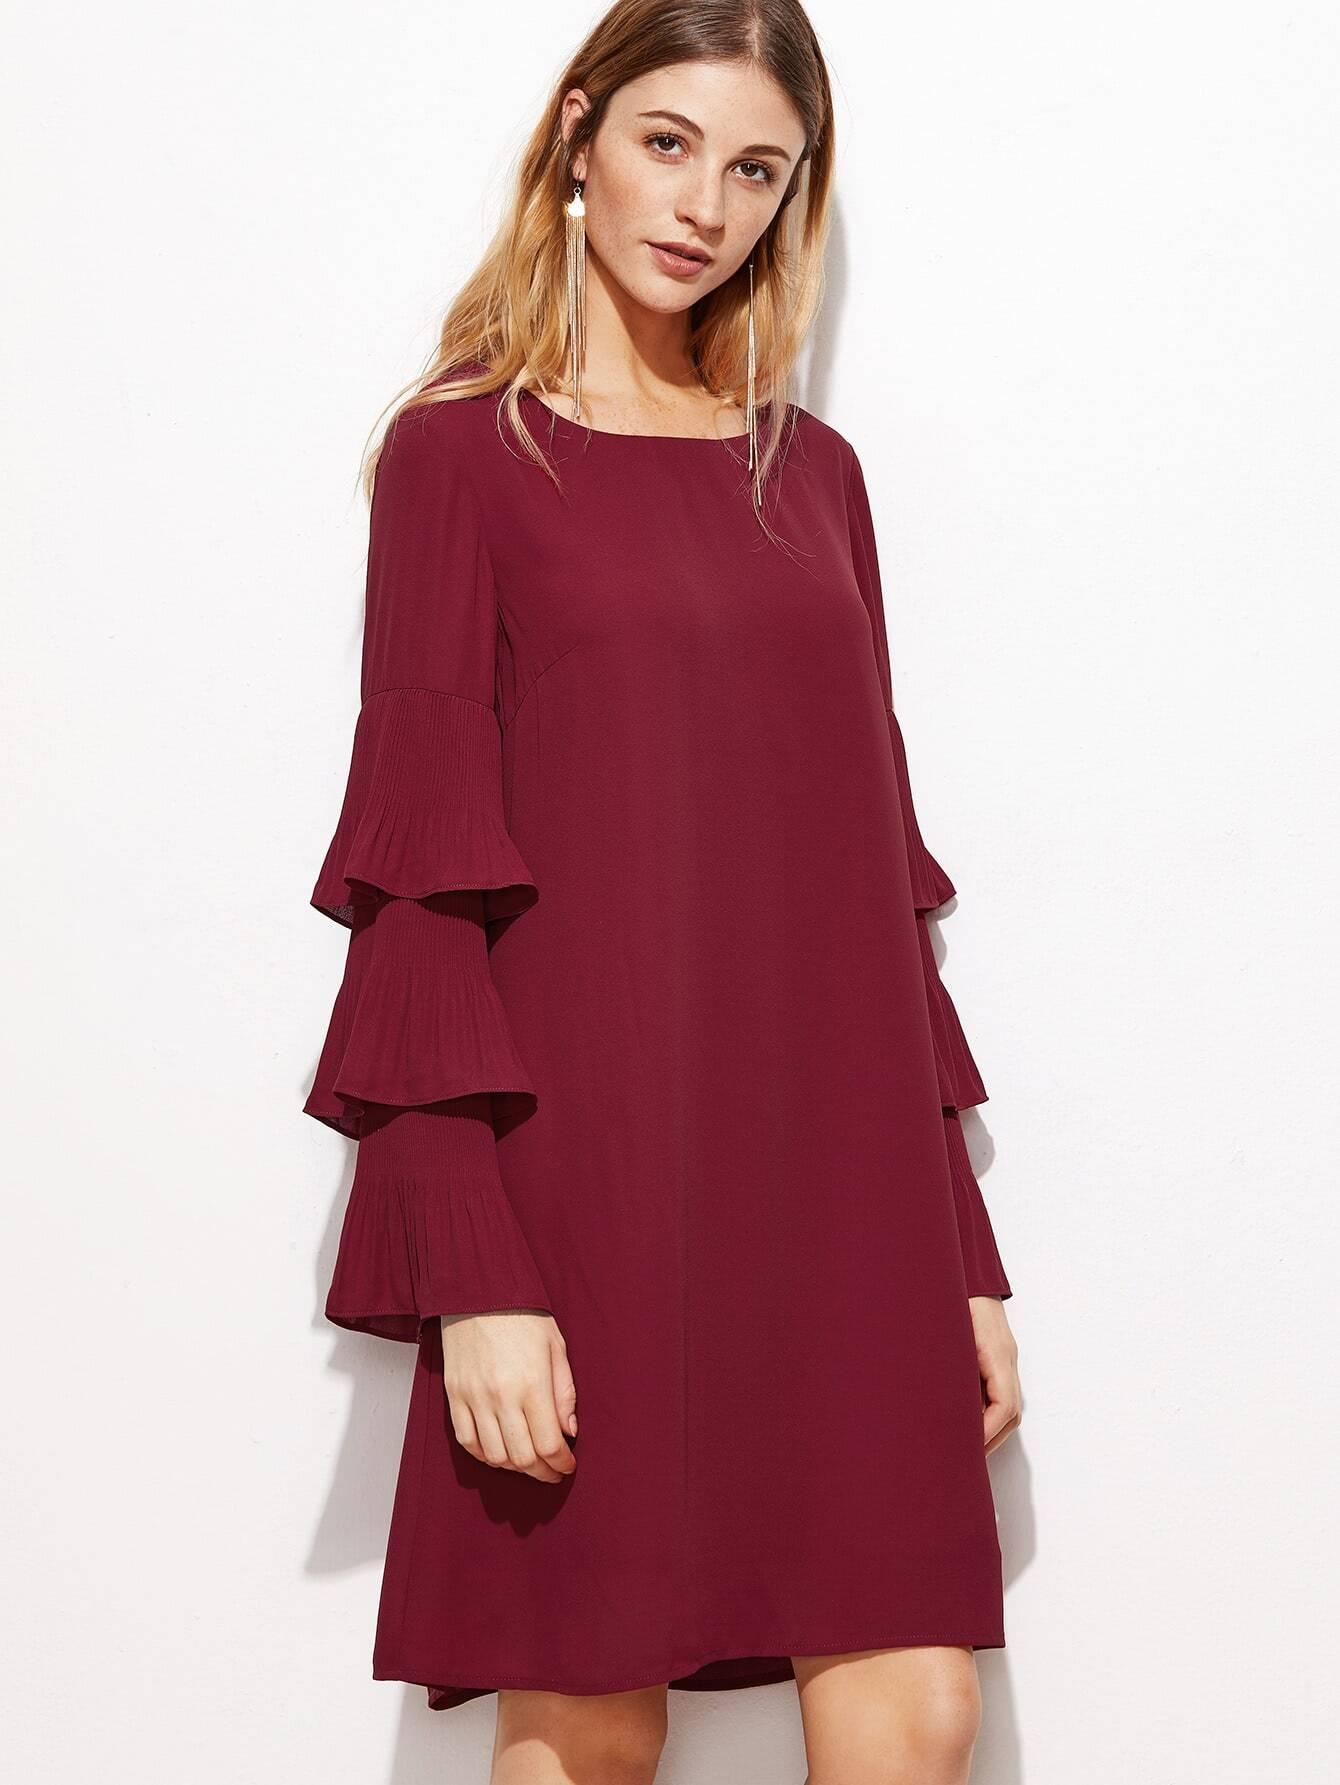 Layered Frill Sleeve Tunic Dress dress161028709